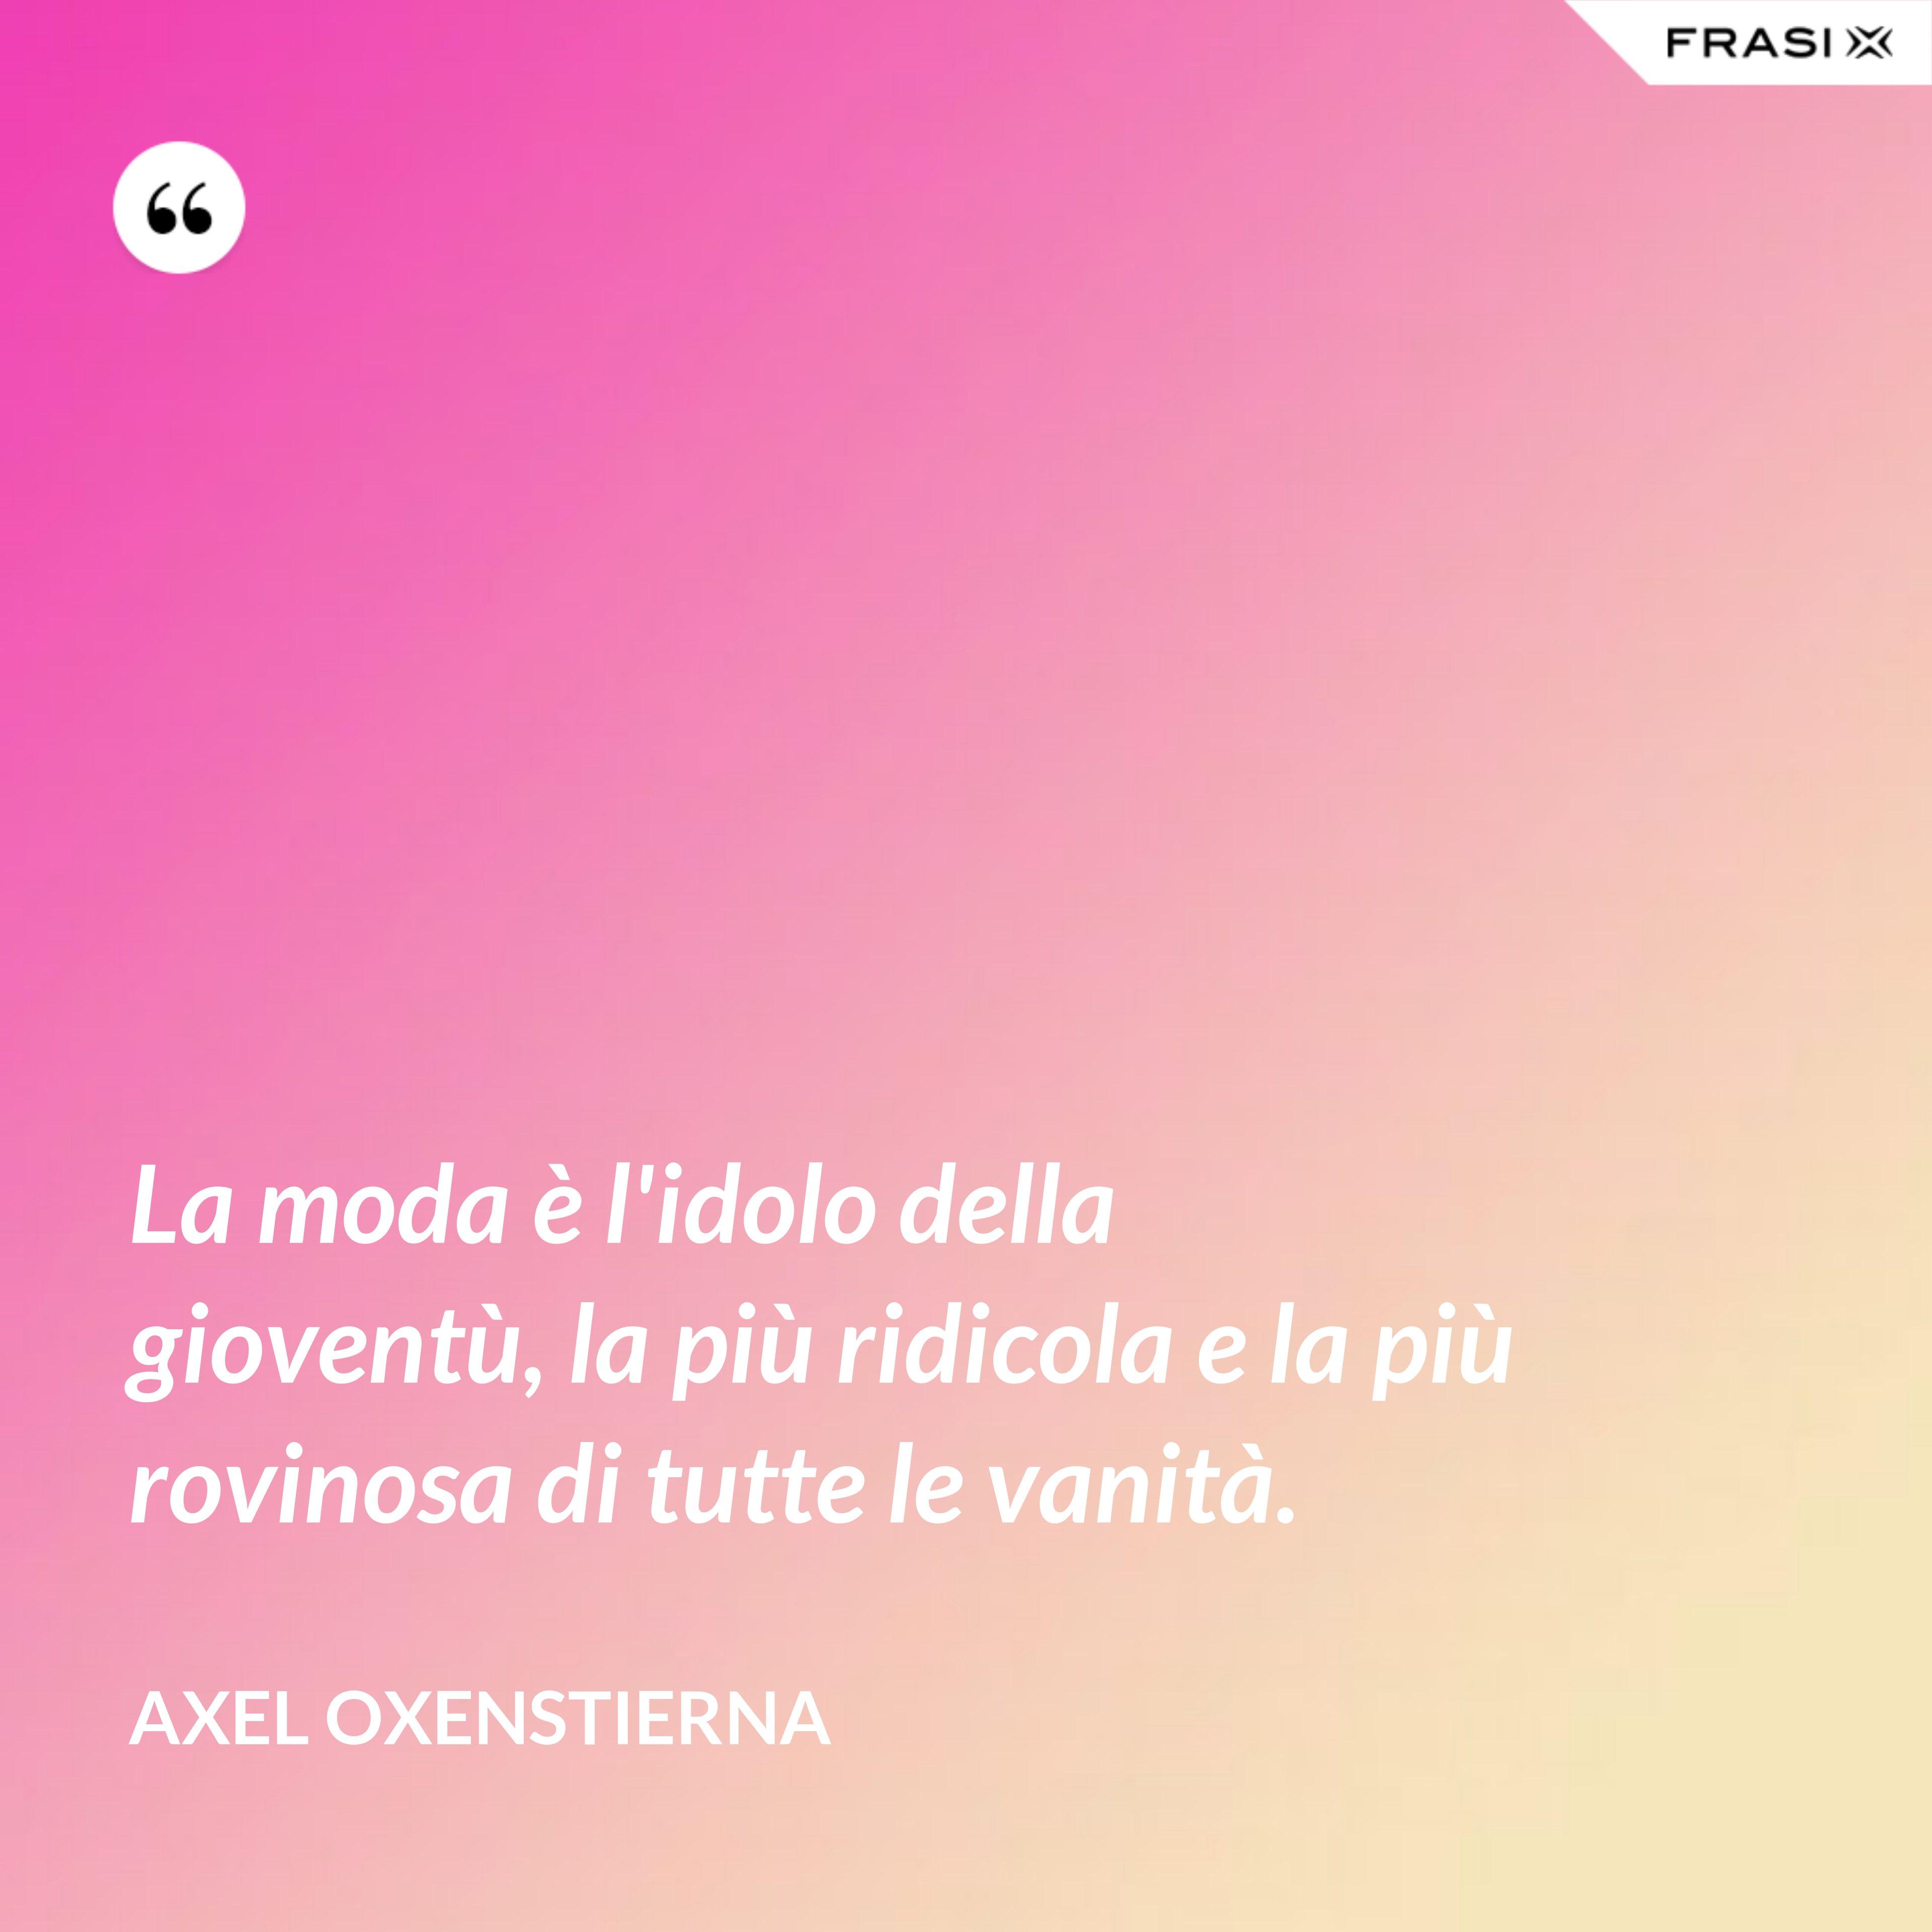 La moda è l'idolo della gioventù, la più ridicola e la più rovinosa di tutte le vanità. - Axel Oxenstierna